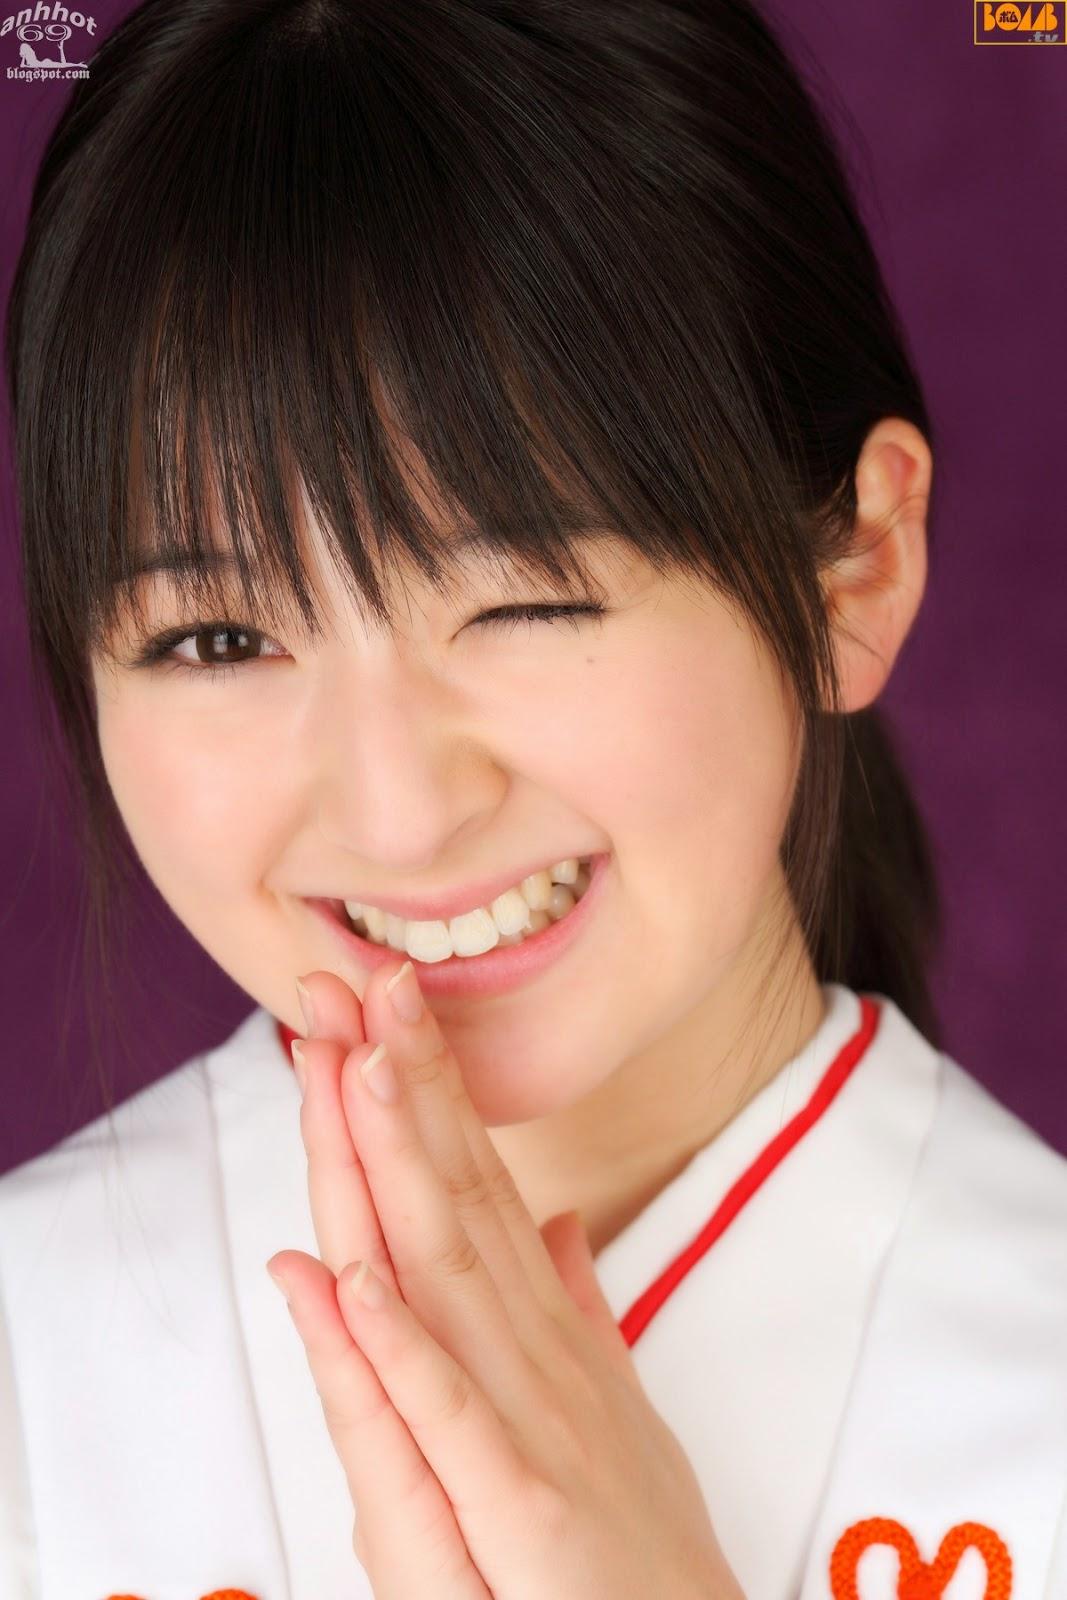 saki-takayama-01316336